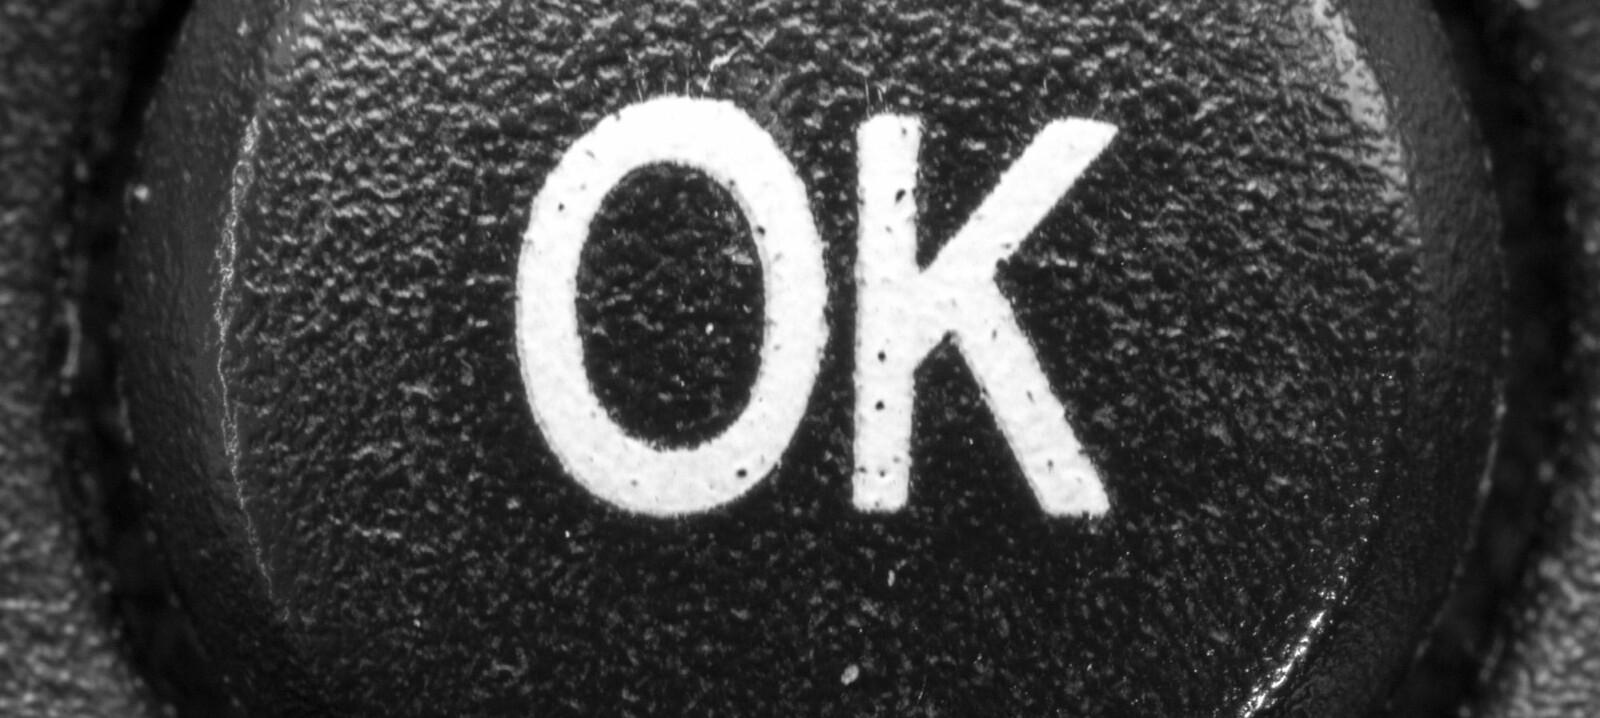 <b>OC IKKE OK:</b> Hva betyr egentlig OK?